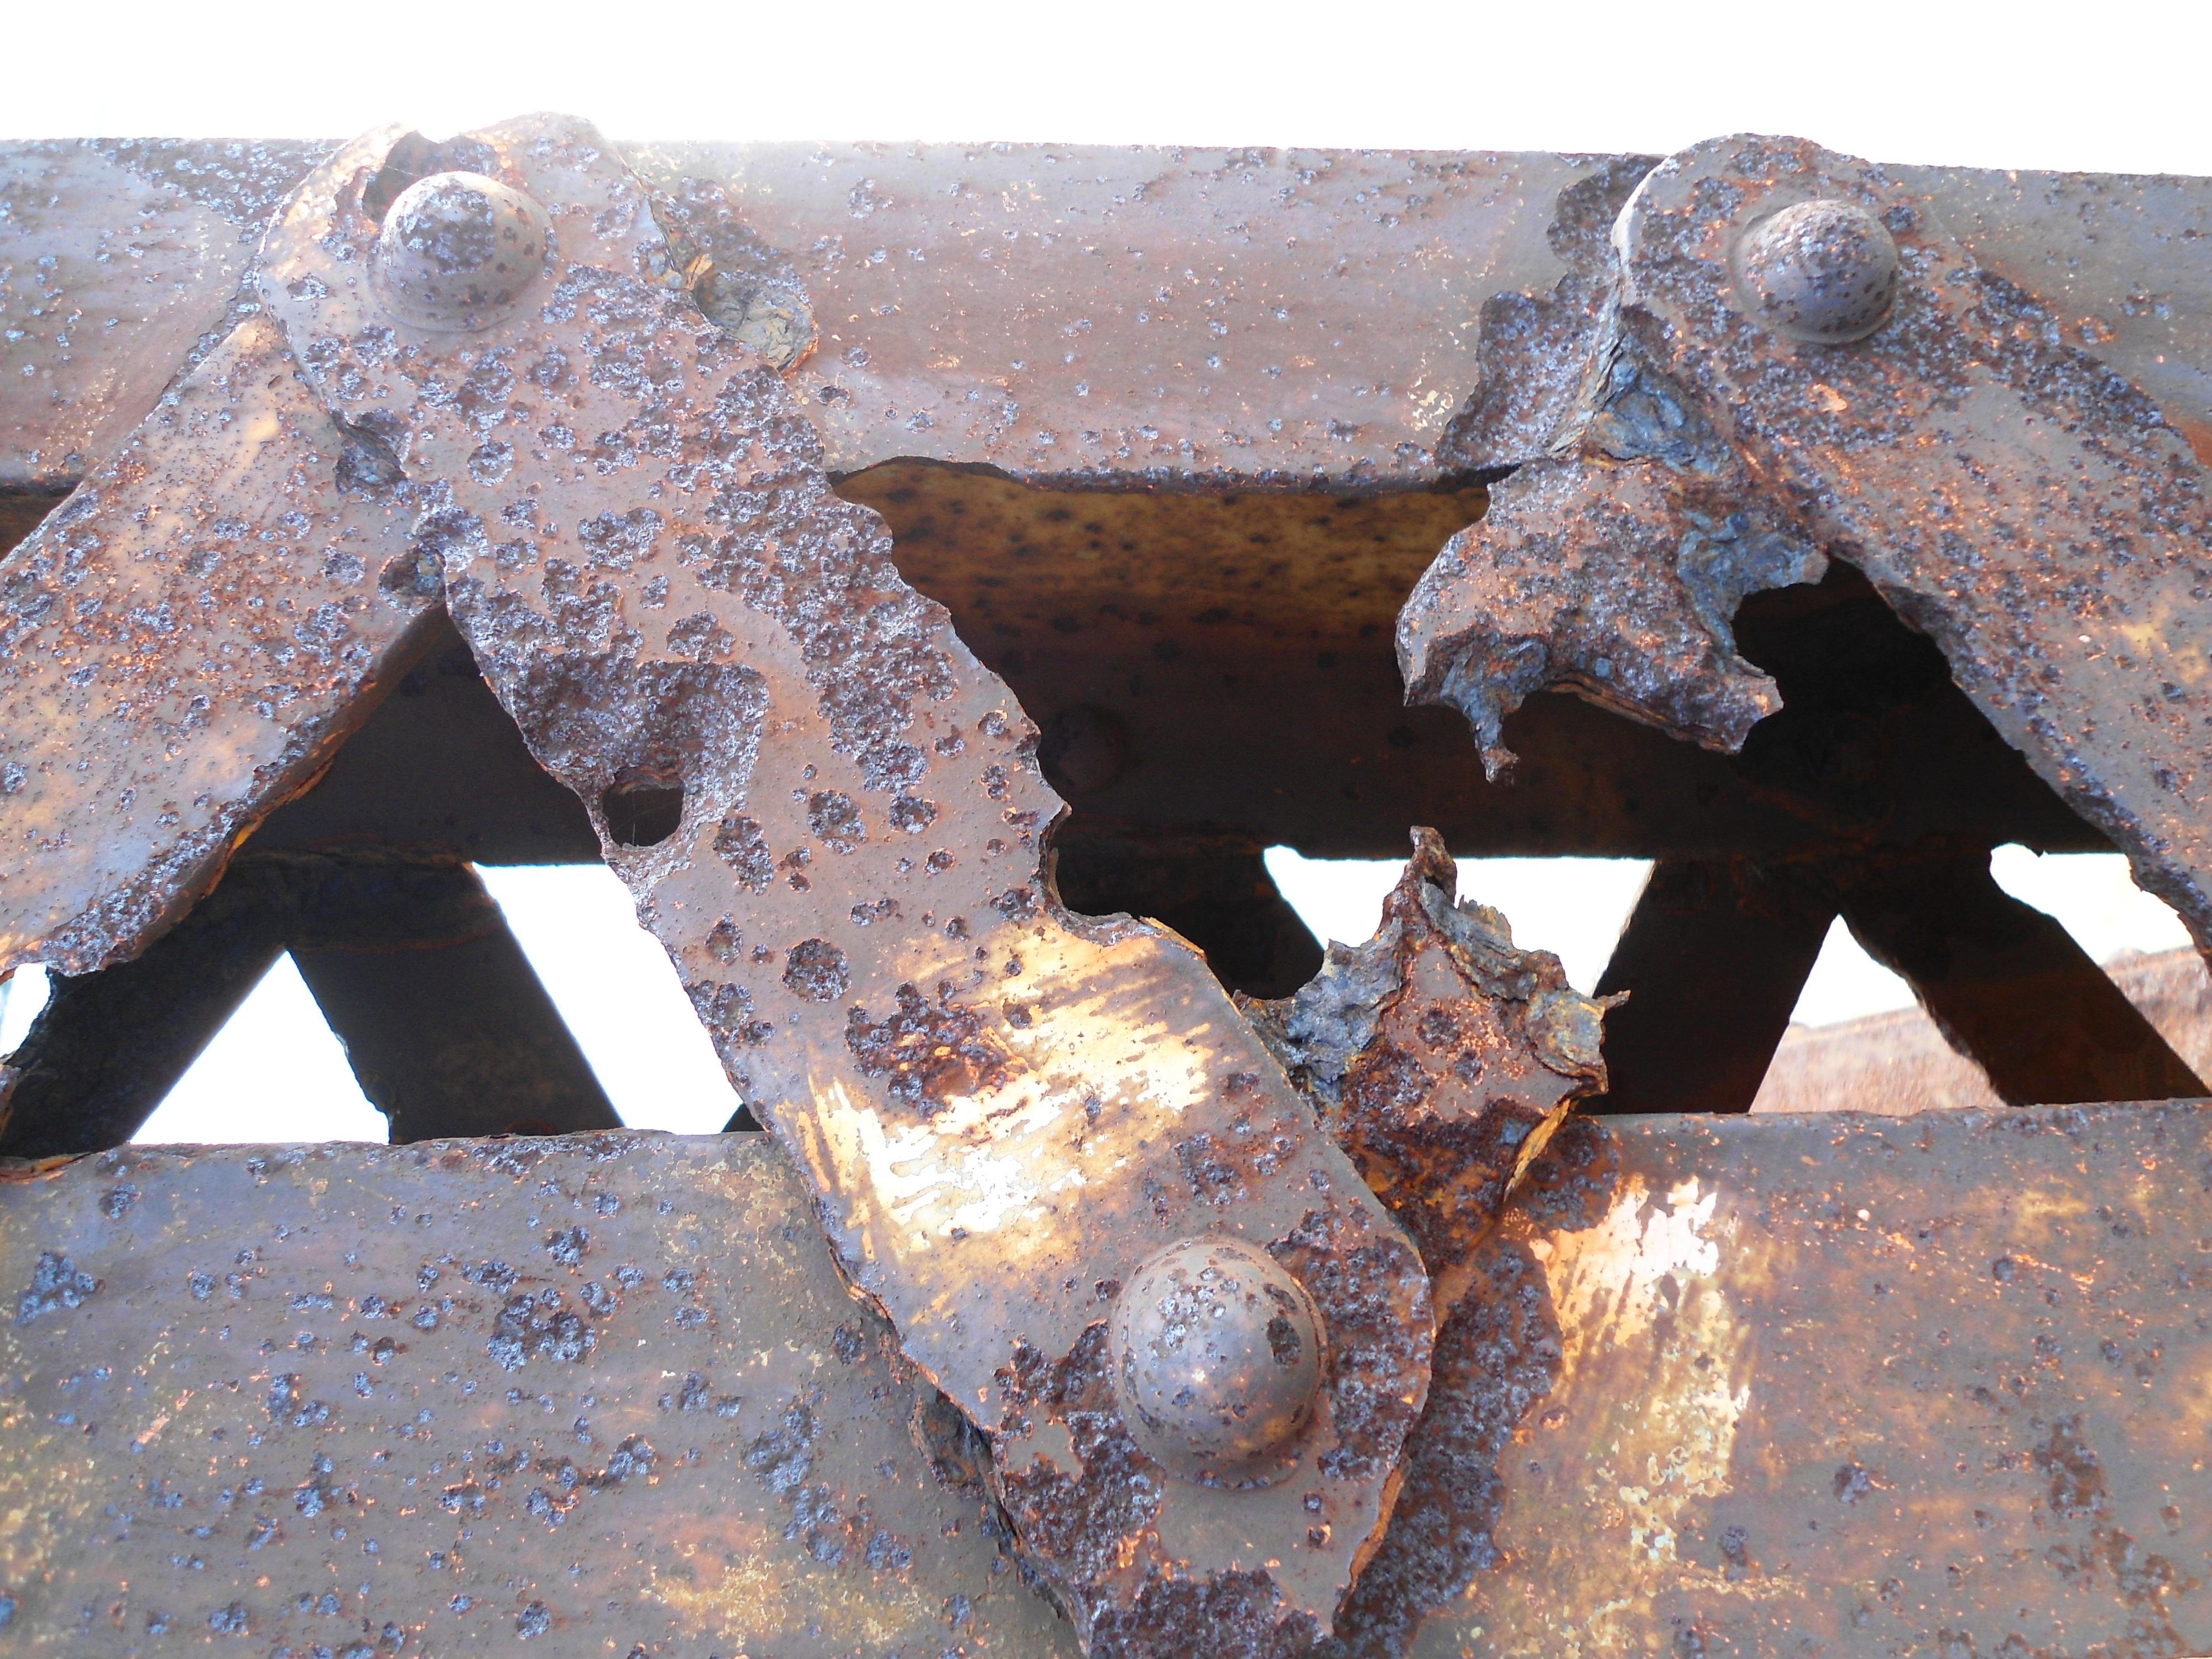 Pitting corrosion - Wikipedia